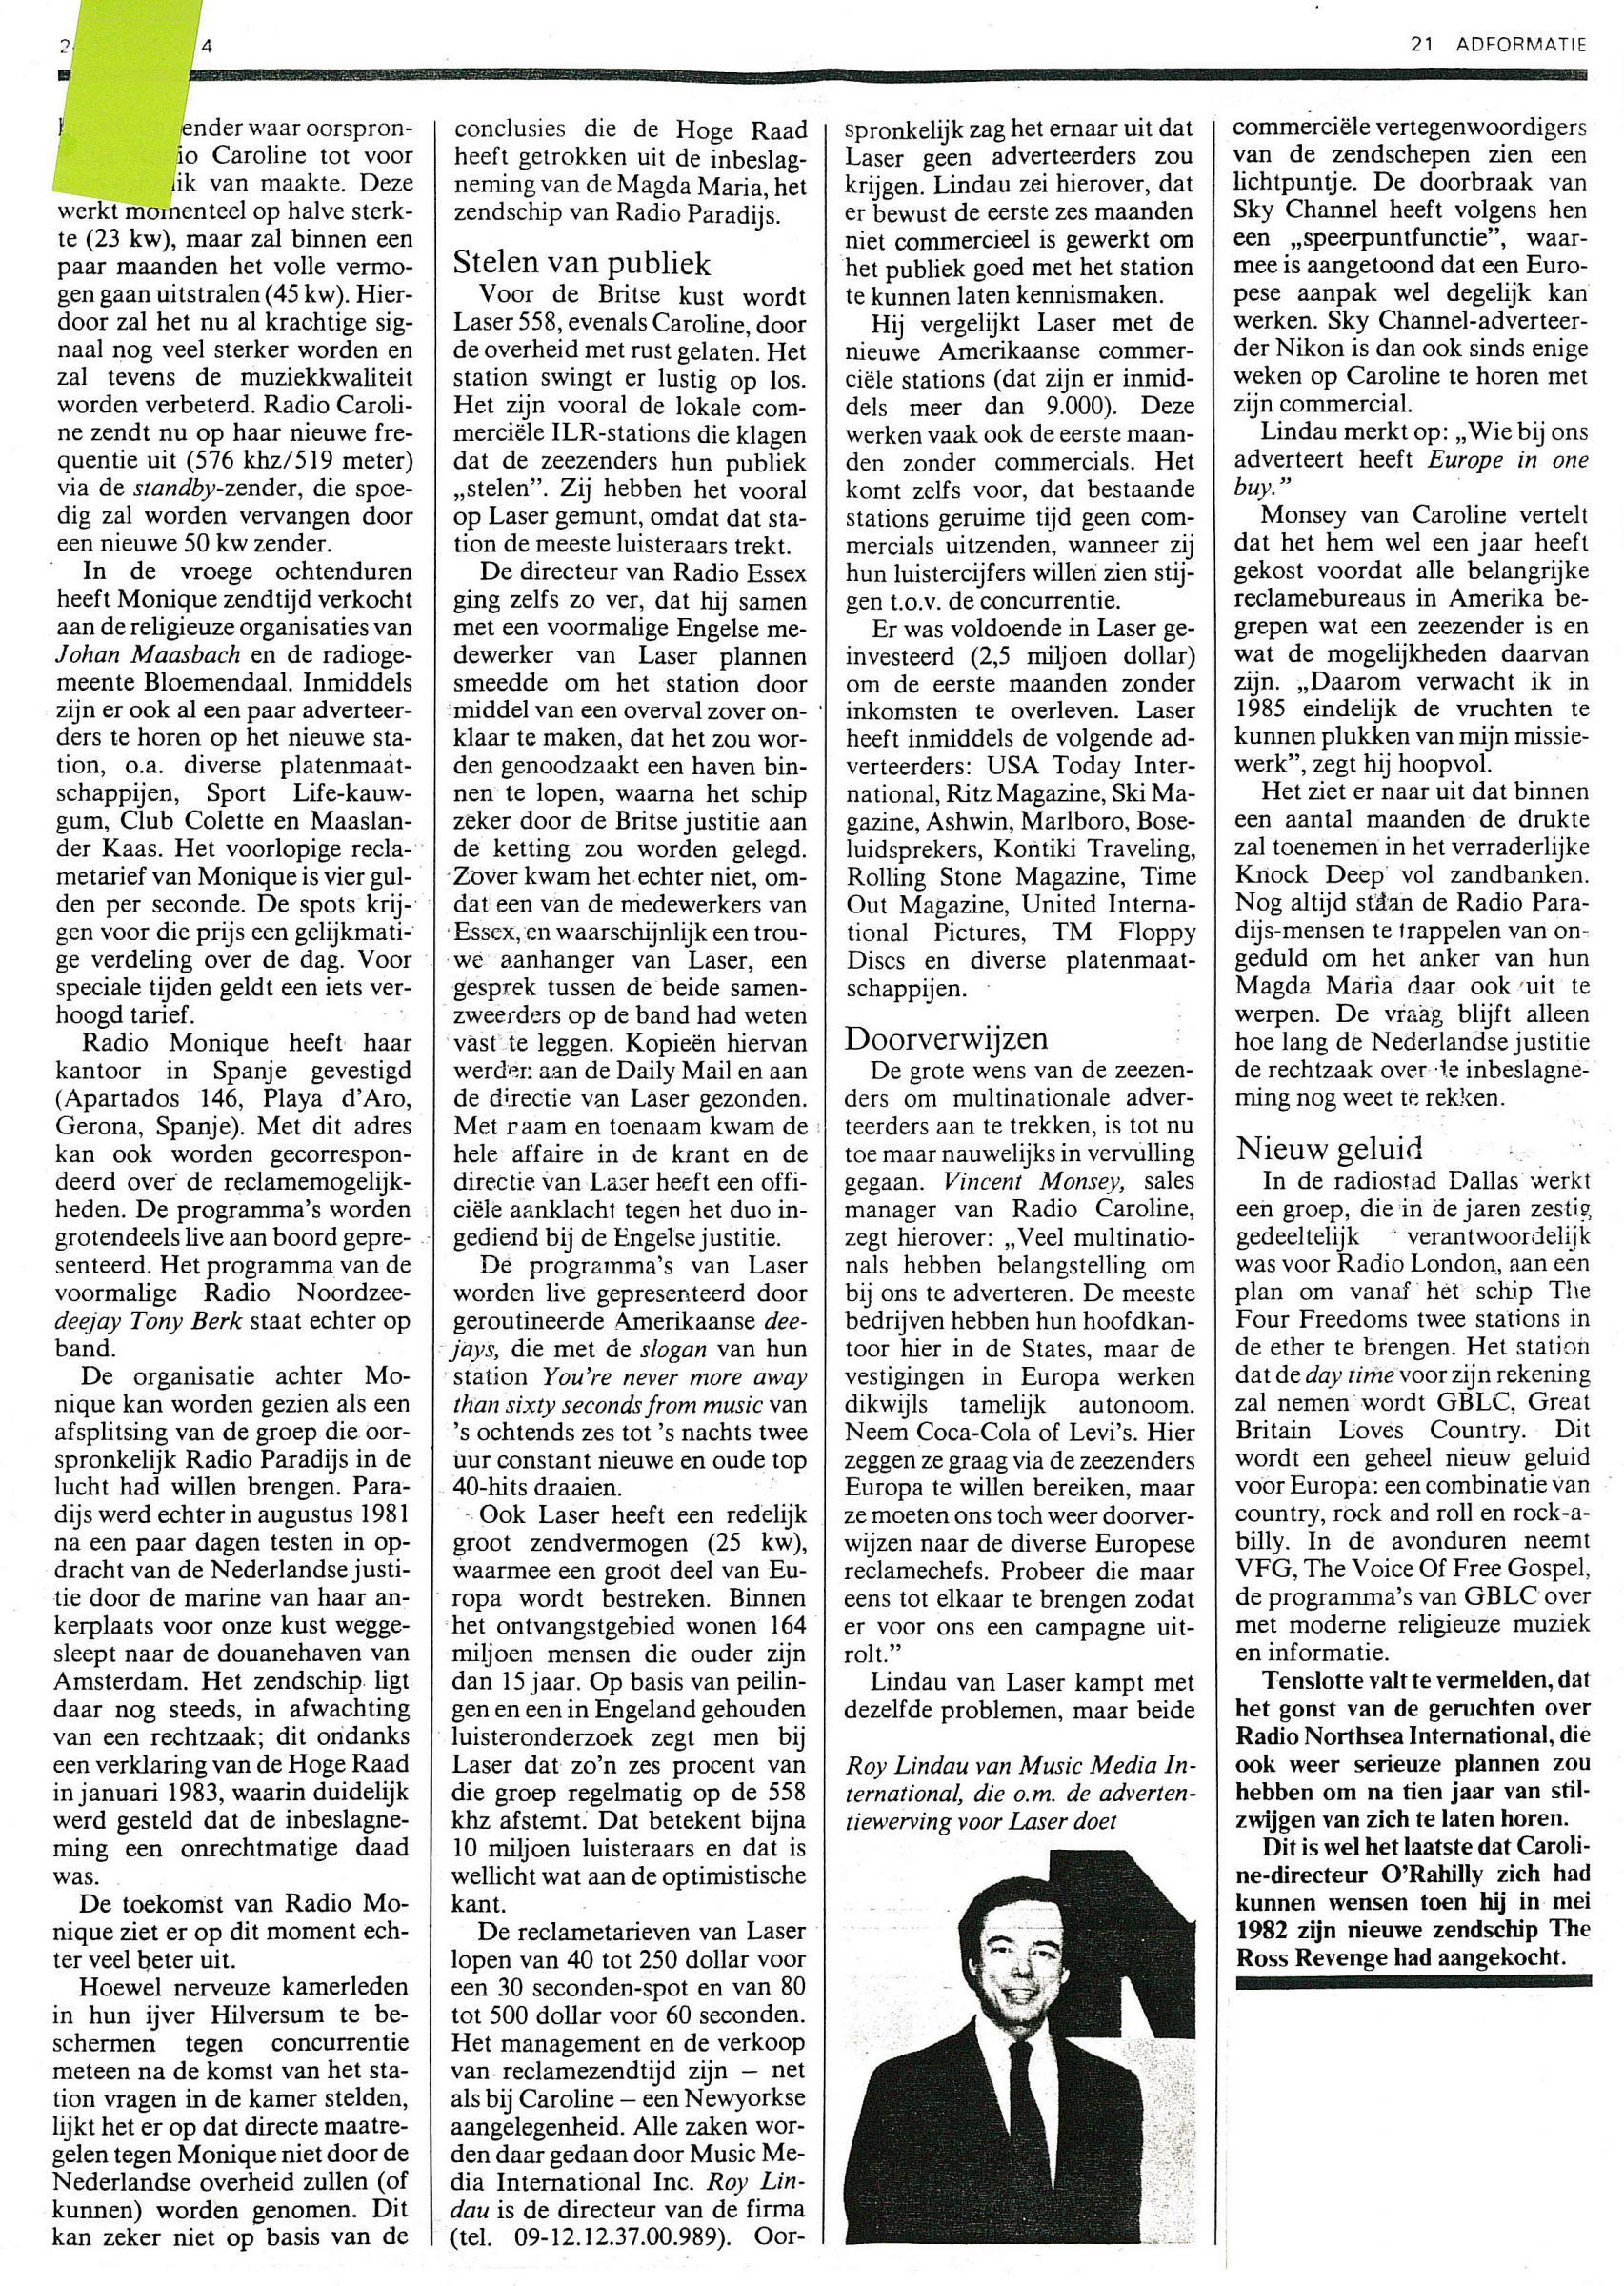 19850124 Adformatie Zeezenders verwachten dit jaar multinationale adverteerders laser caroline 02.jpg